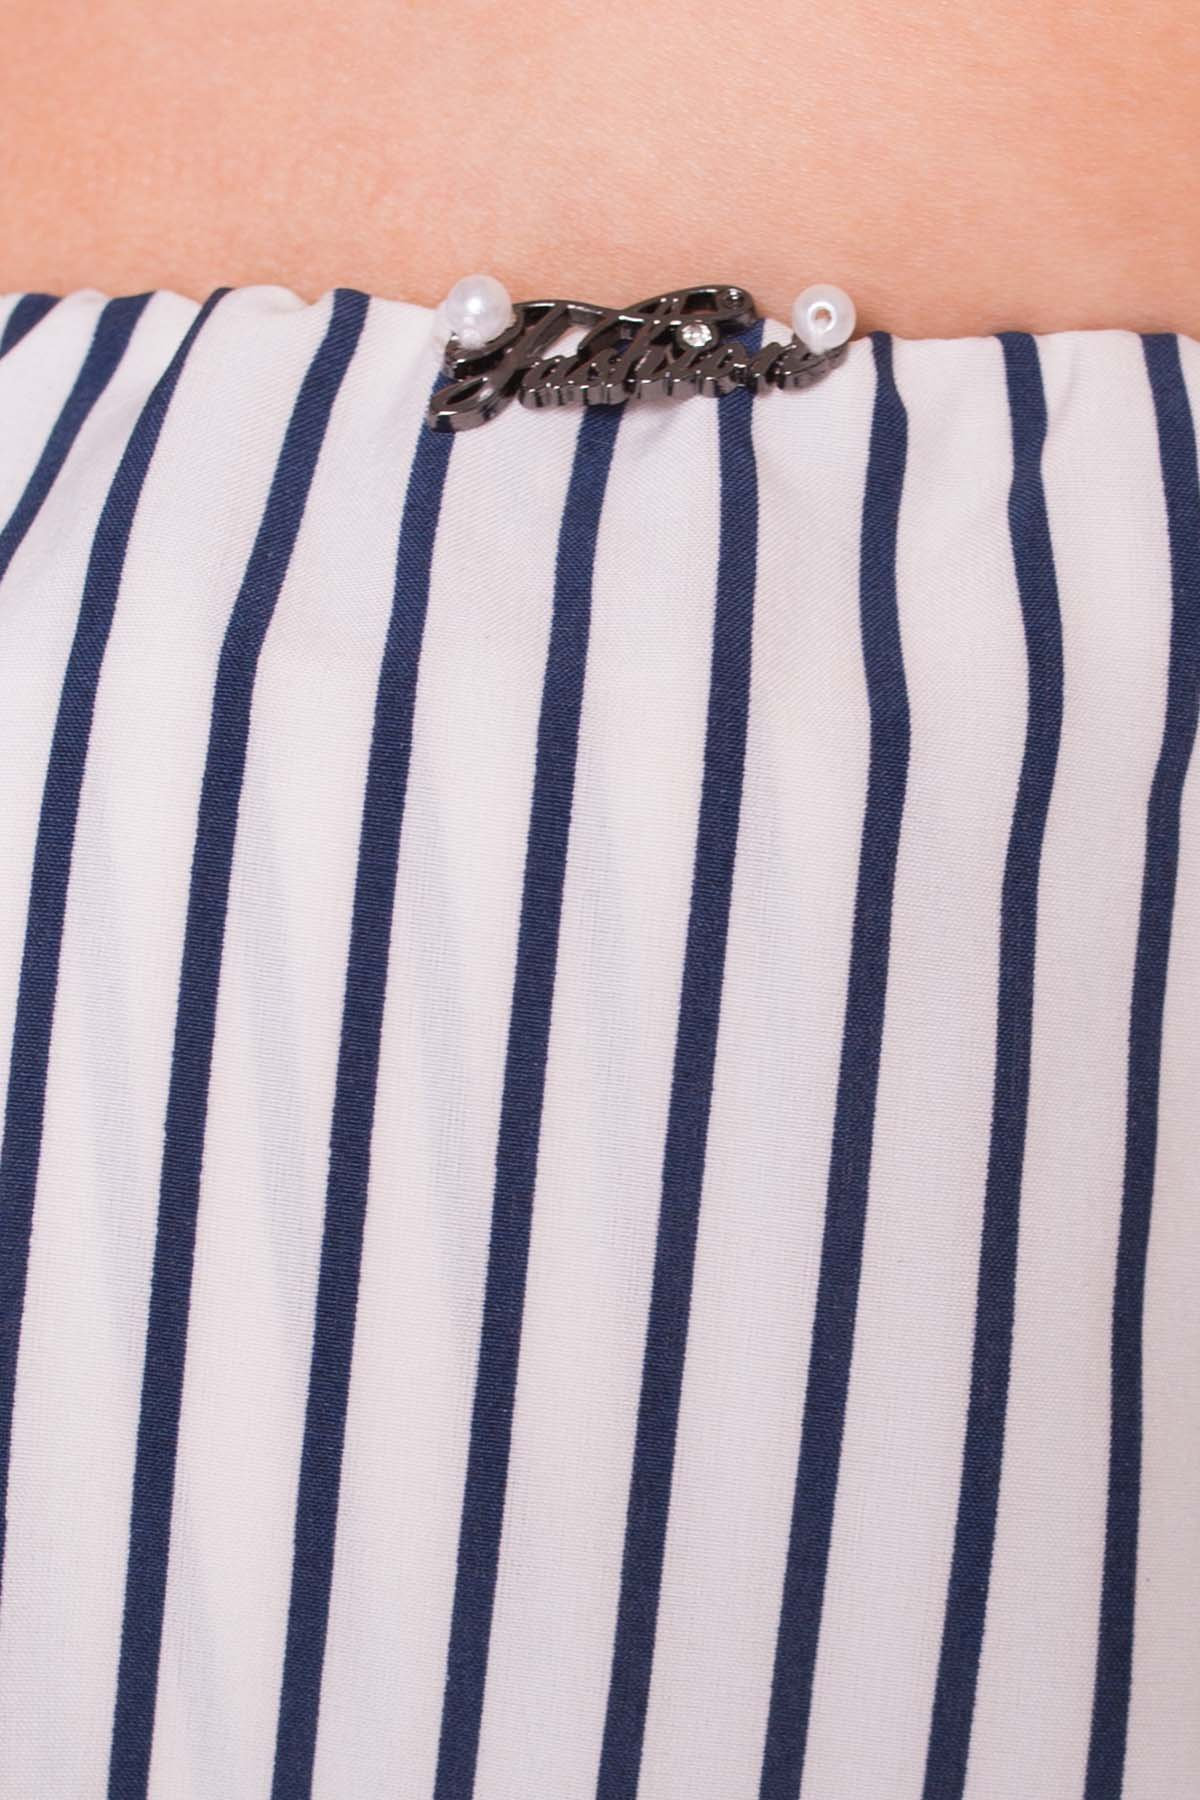 TW Комбинезон Никки  5242 Цвет: Белый/темно-синий полоски